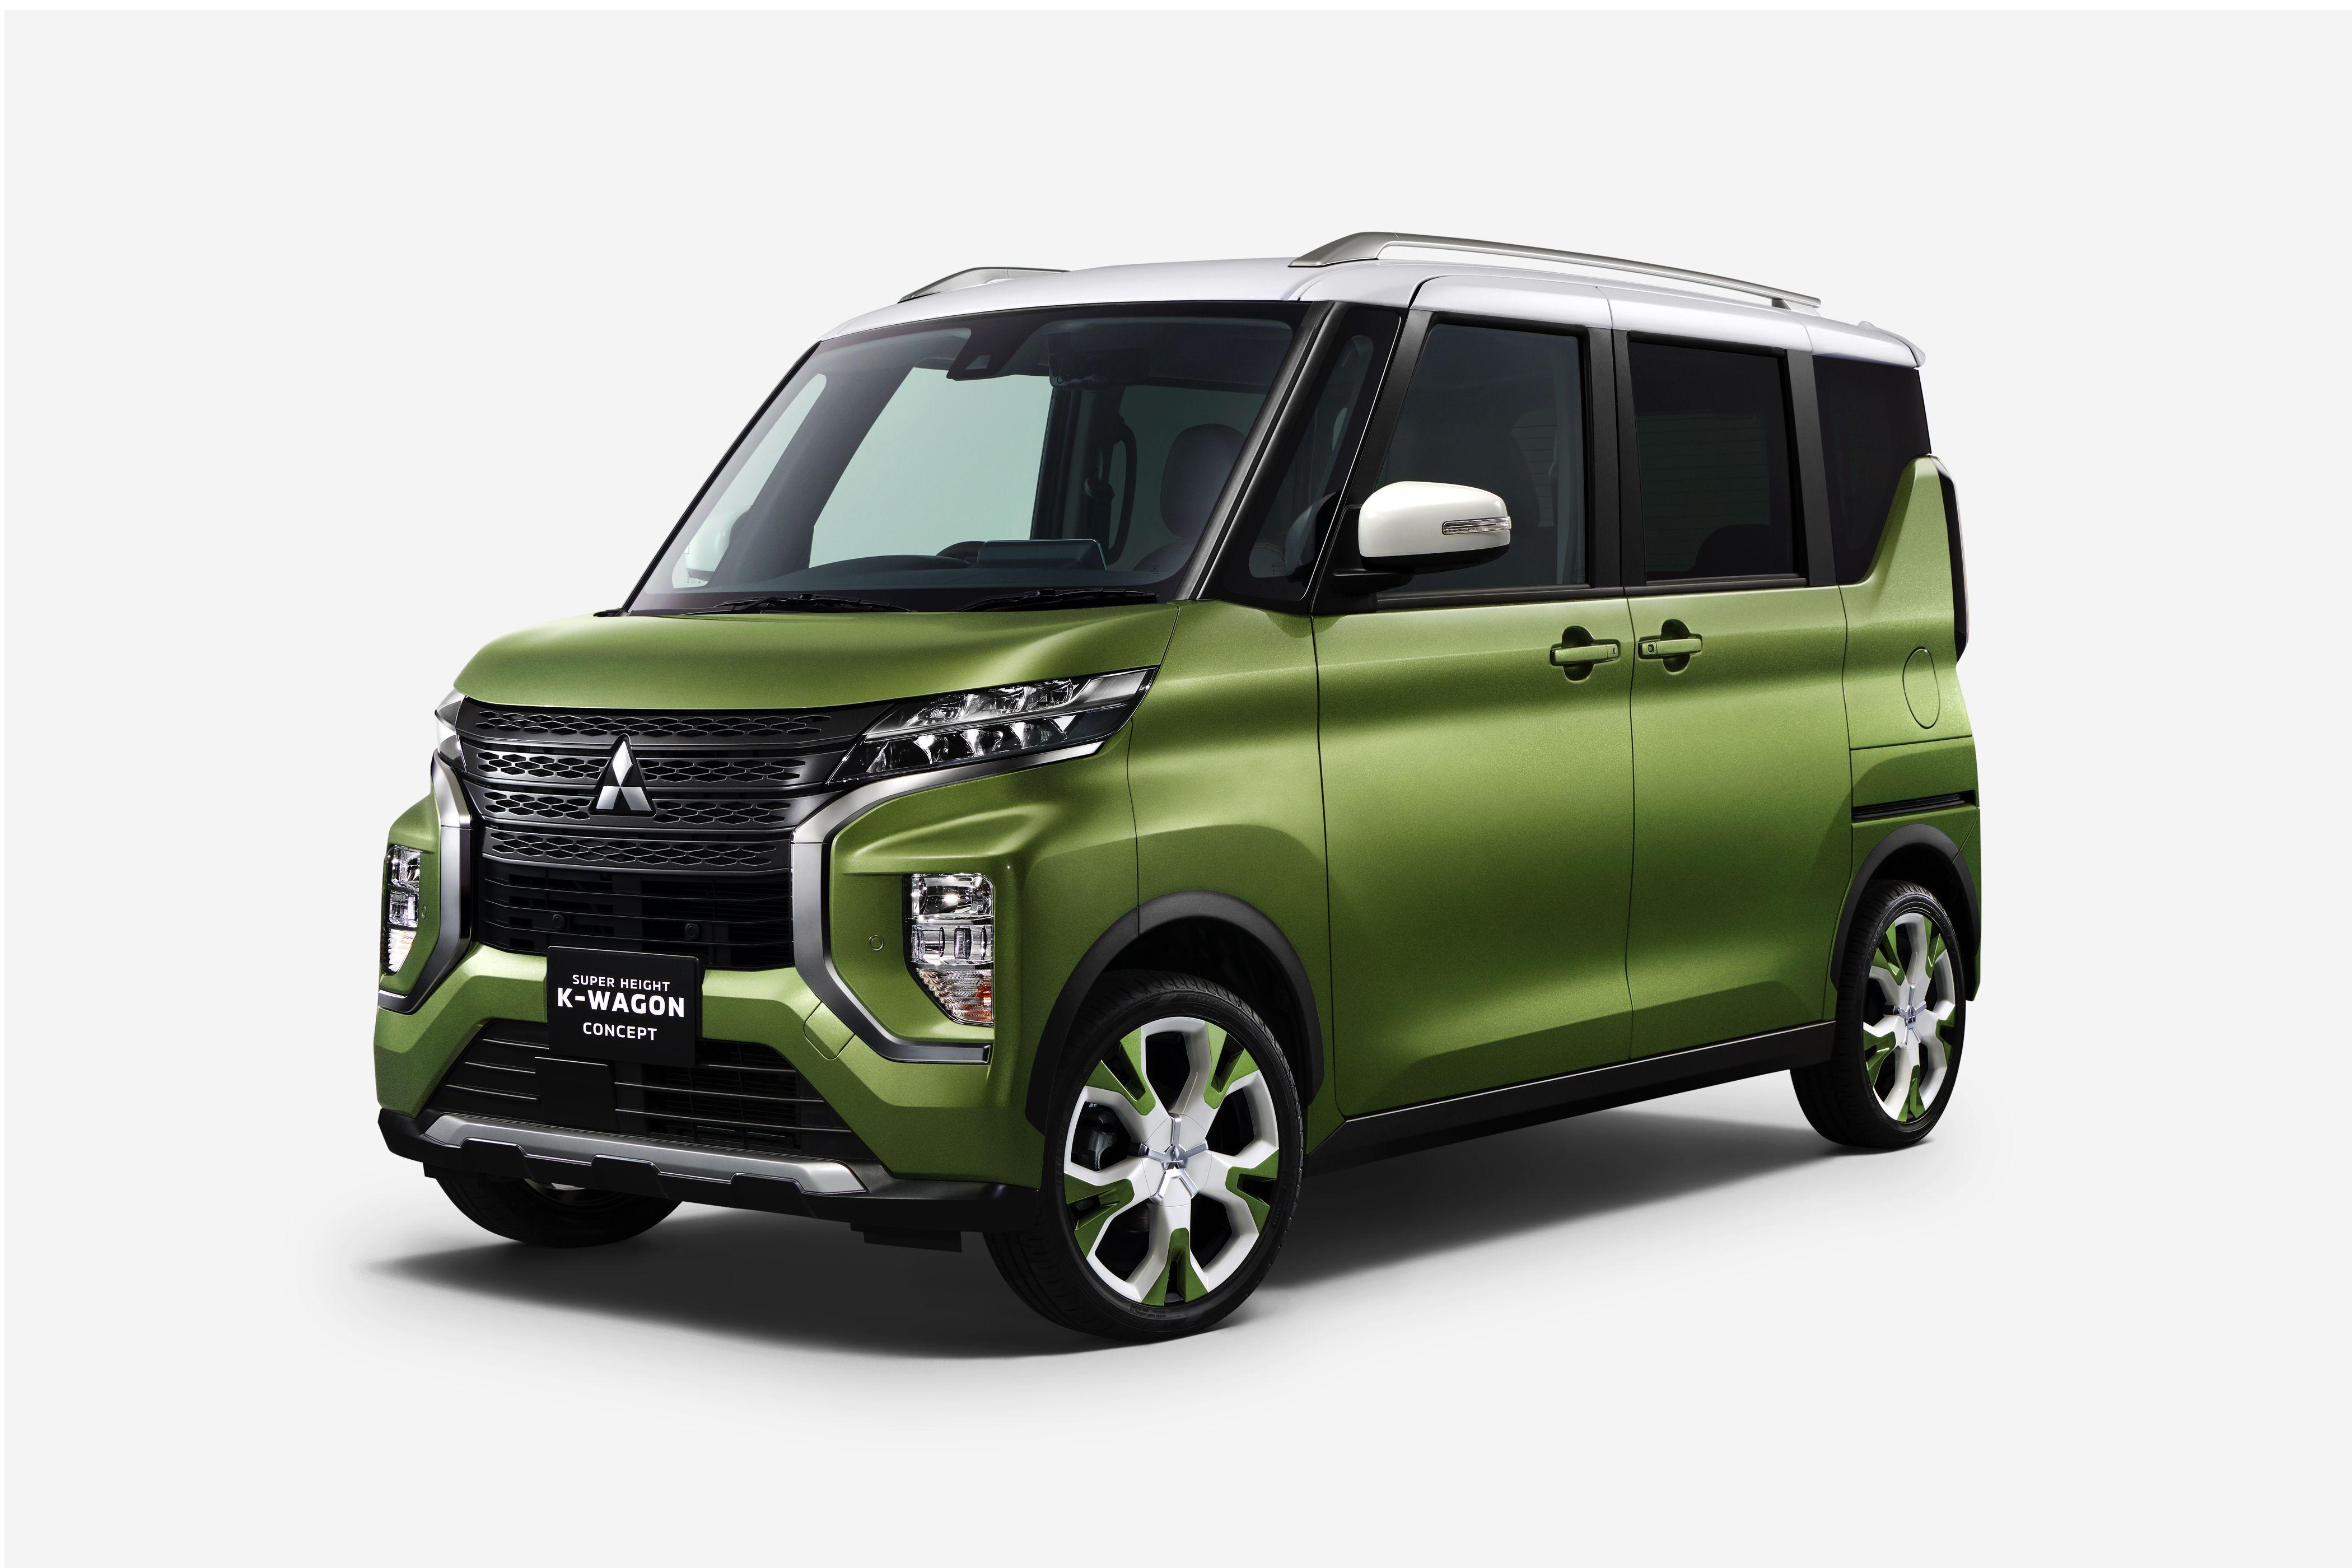 2020 Mitsubishi Super Height K-Wagon Concept @ Top Speed | Kei car, Mitsubishi ek wagon, Tokyo motor show